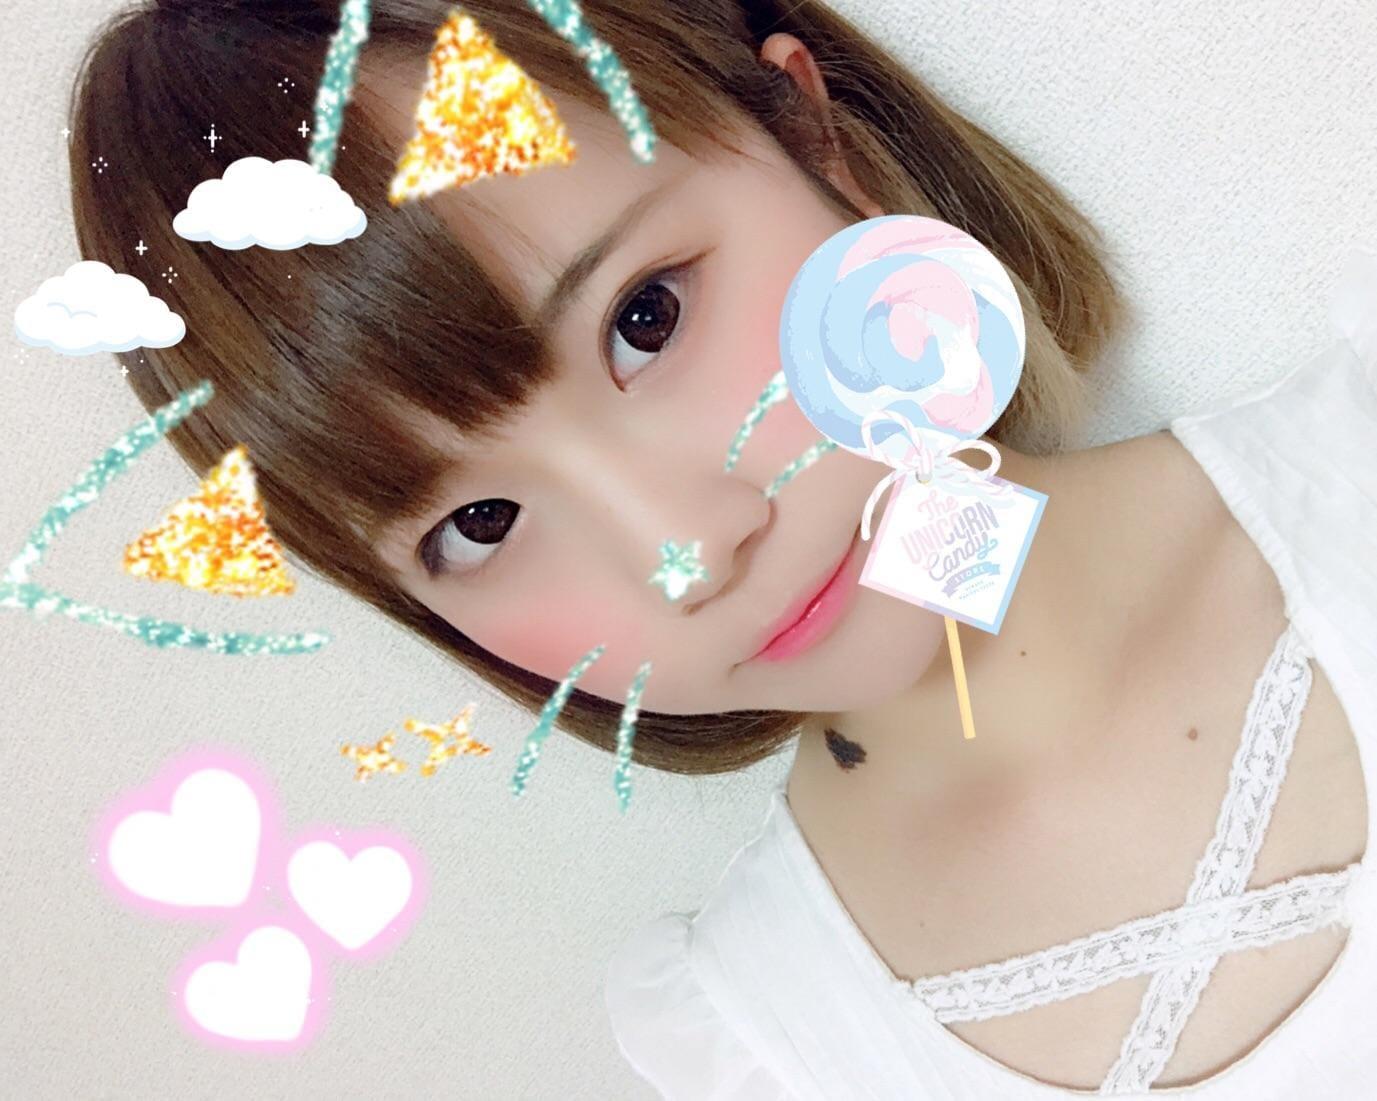 「たいきーーっ」08/13(月) 21:26   みわの写メ・風俗動画